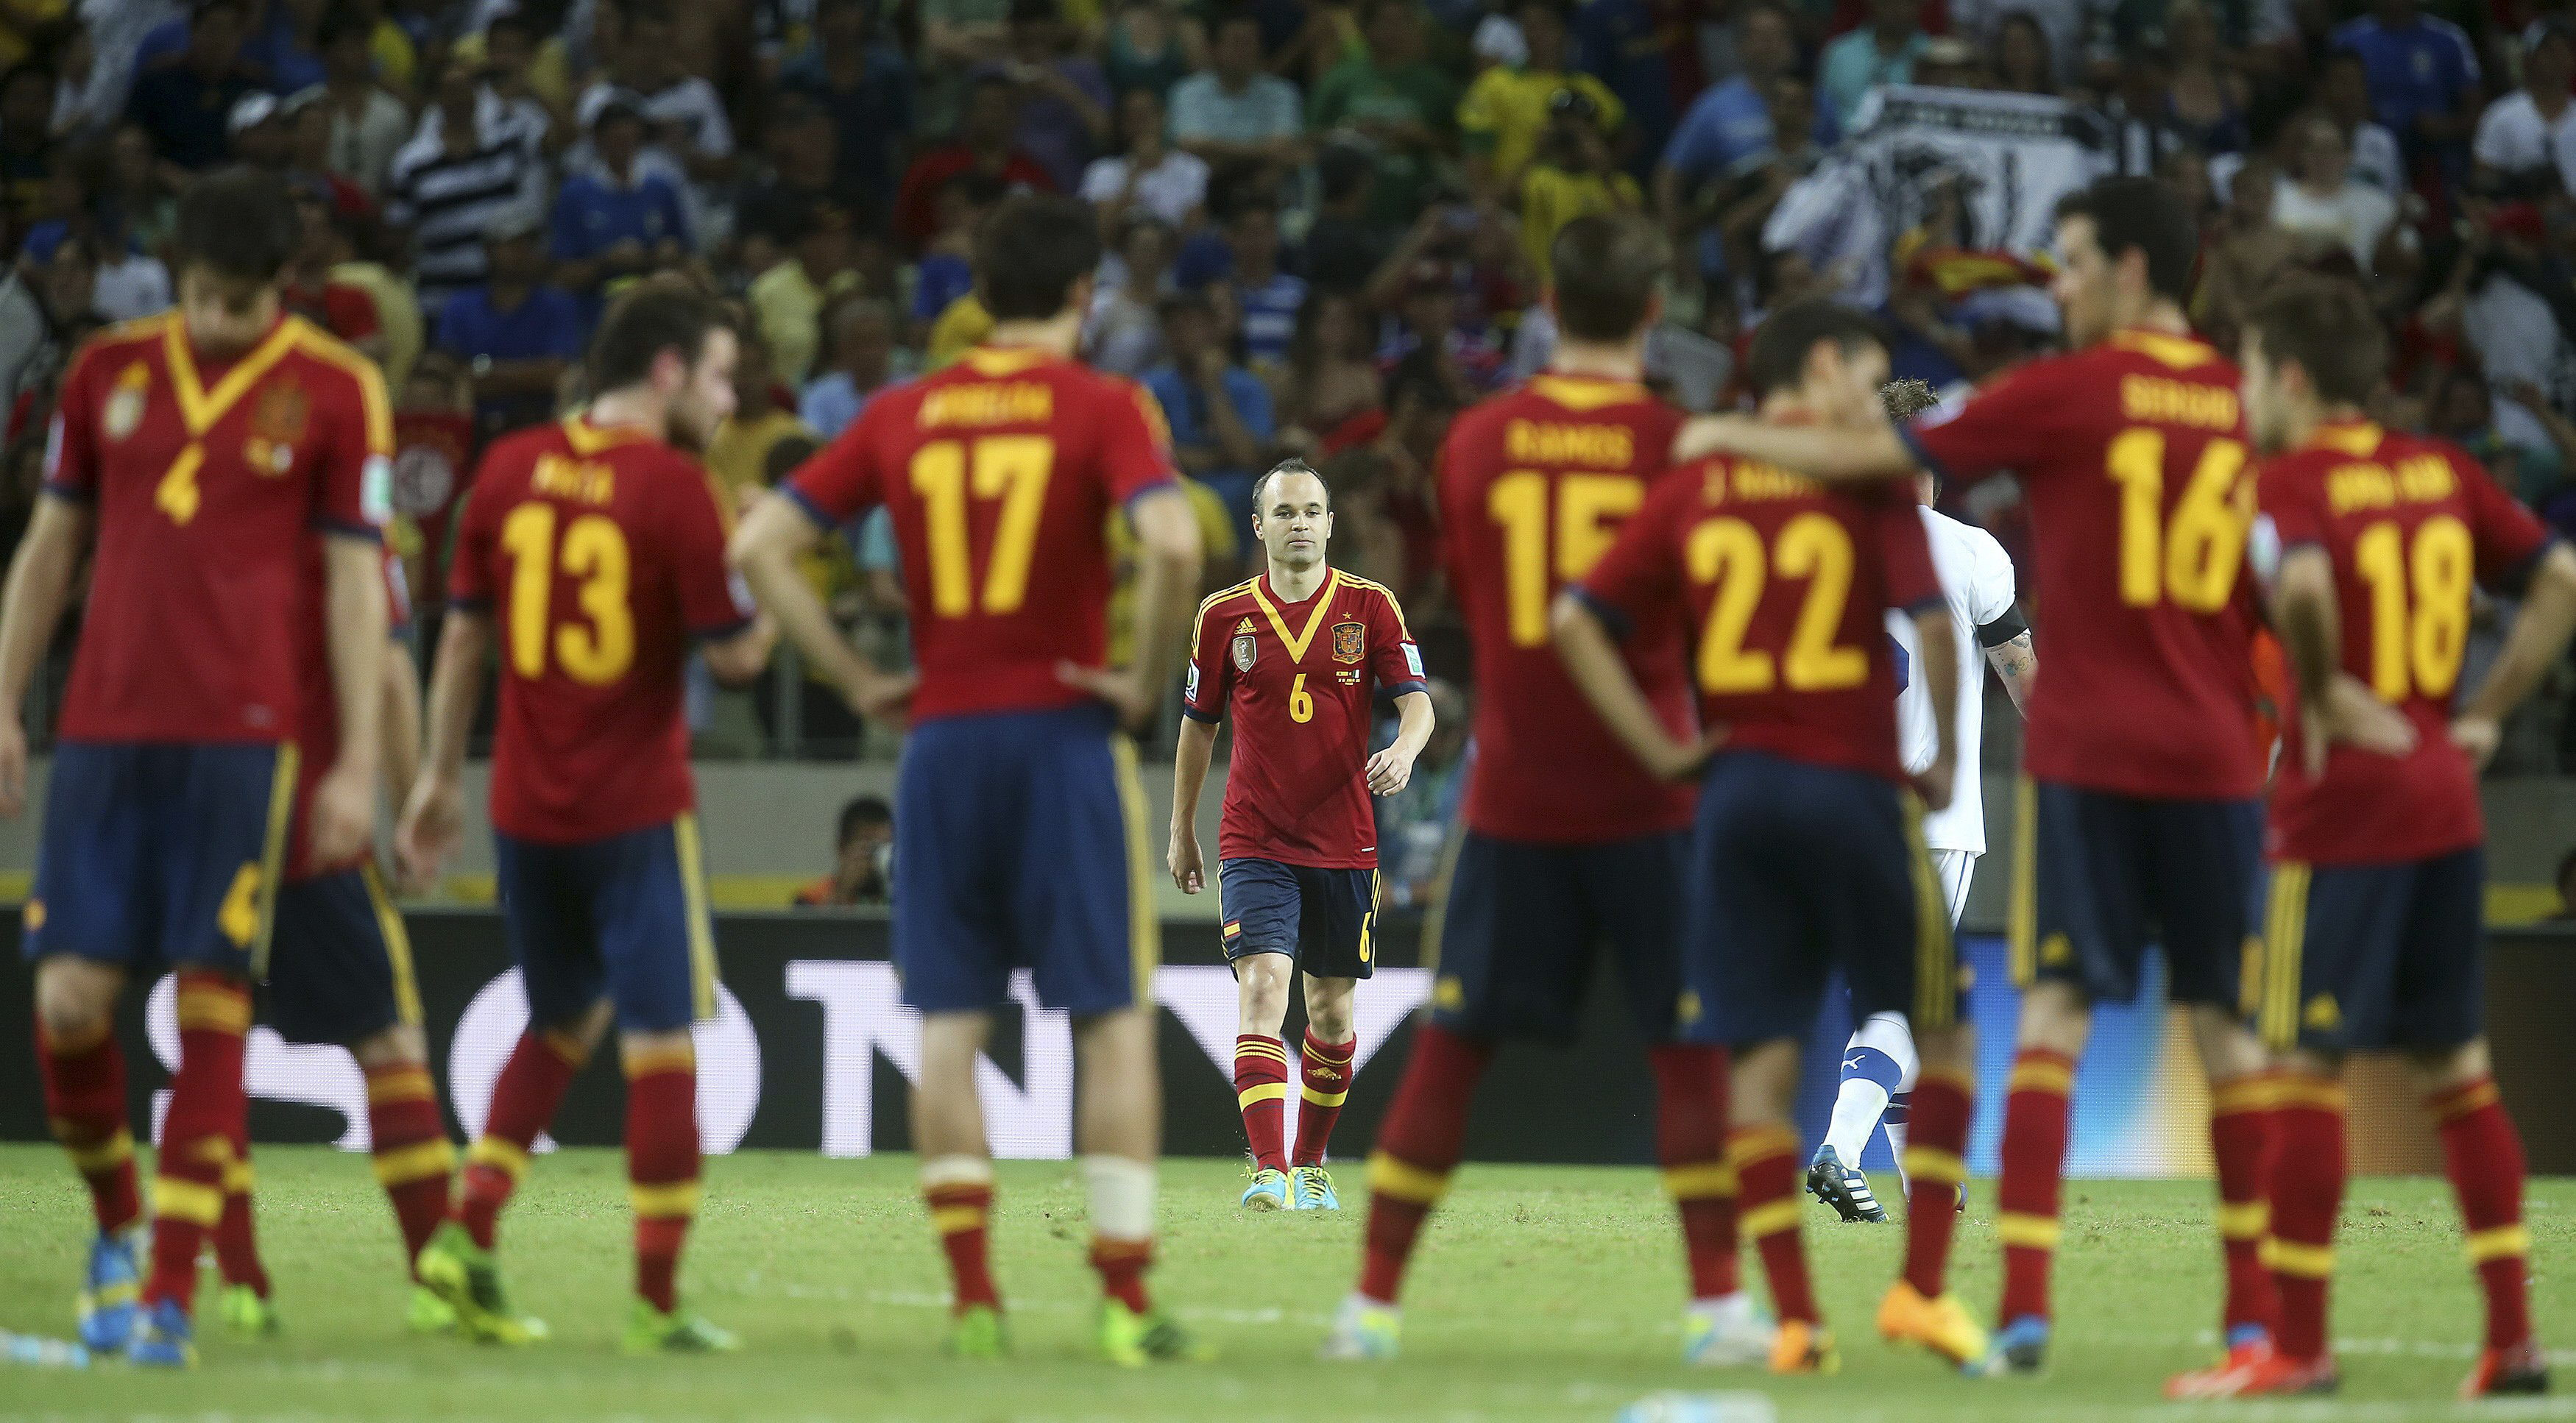 España sigue a la cabeza con nueve cambios entre los diez primeros